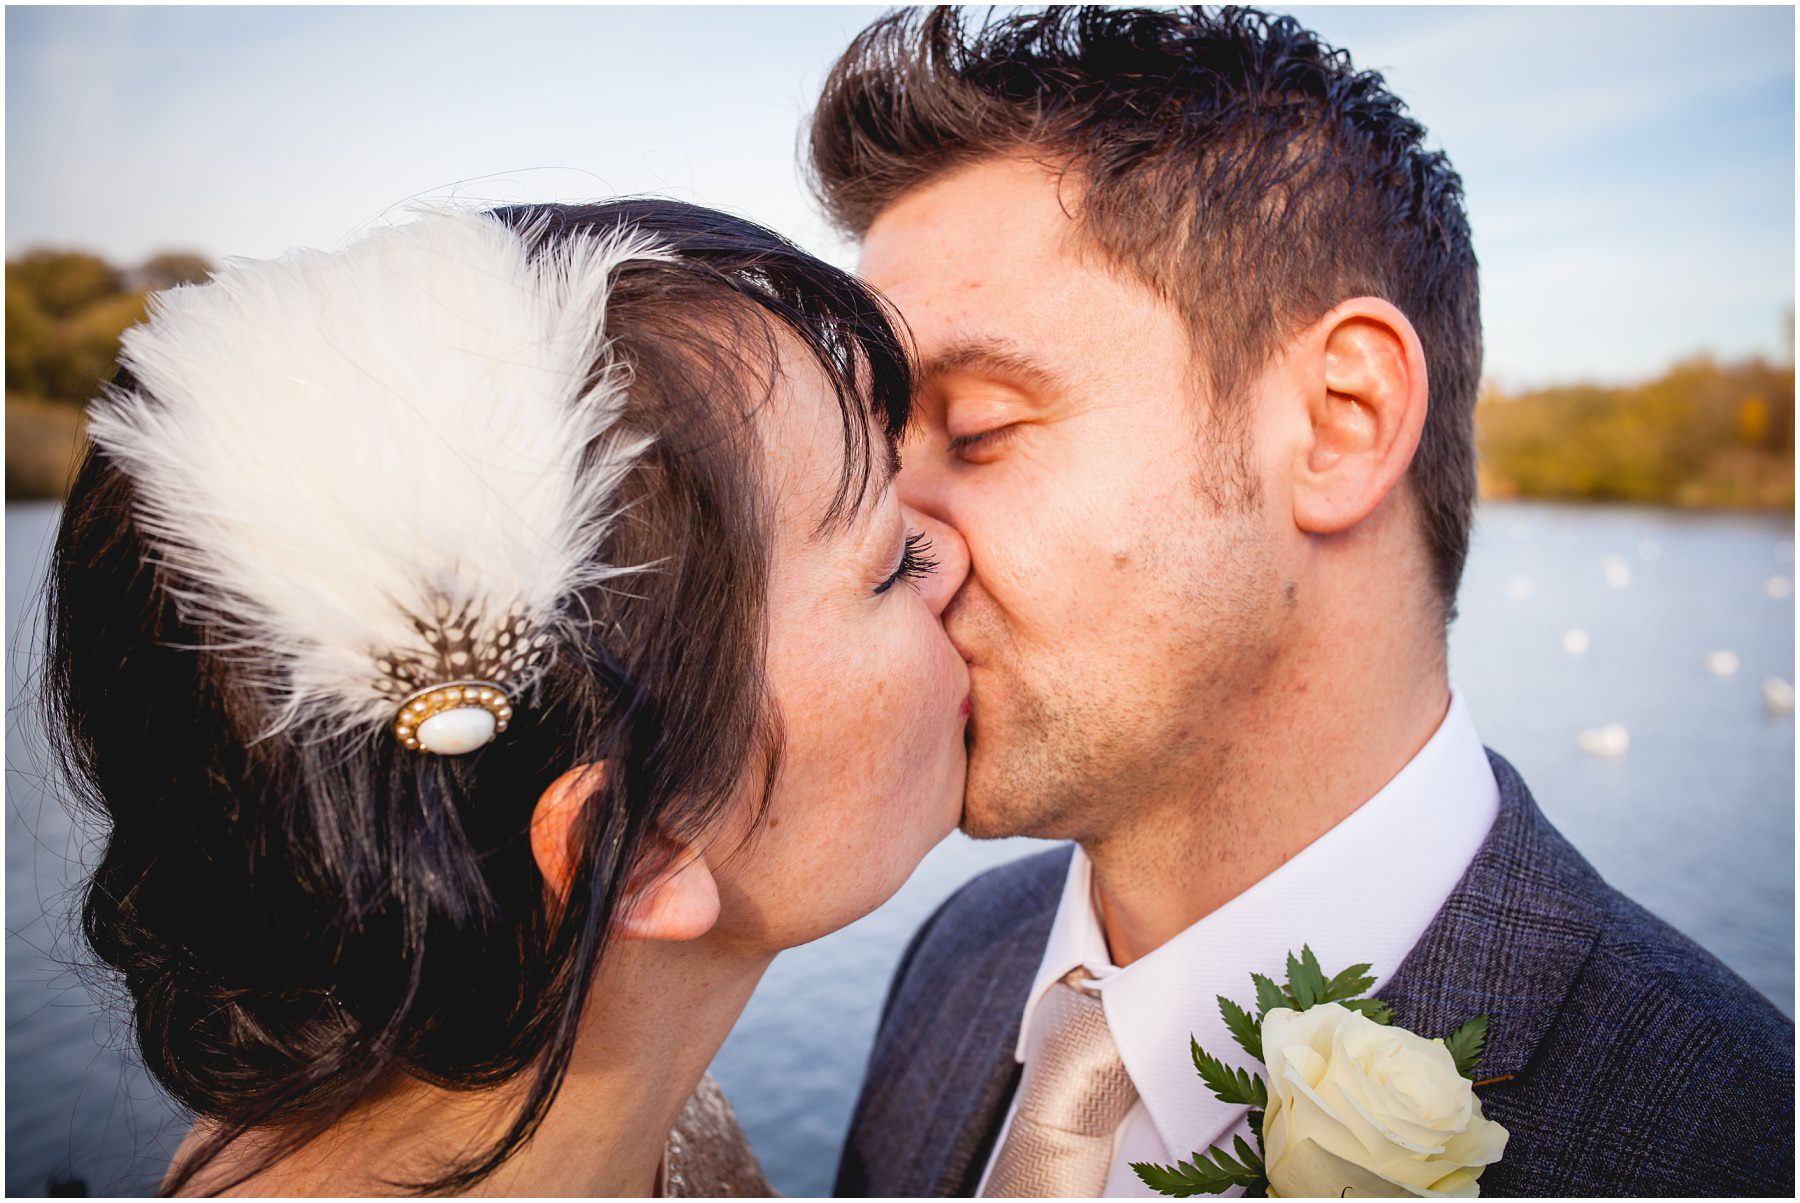 newly wed couple share a kiss